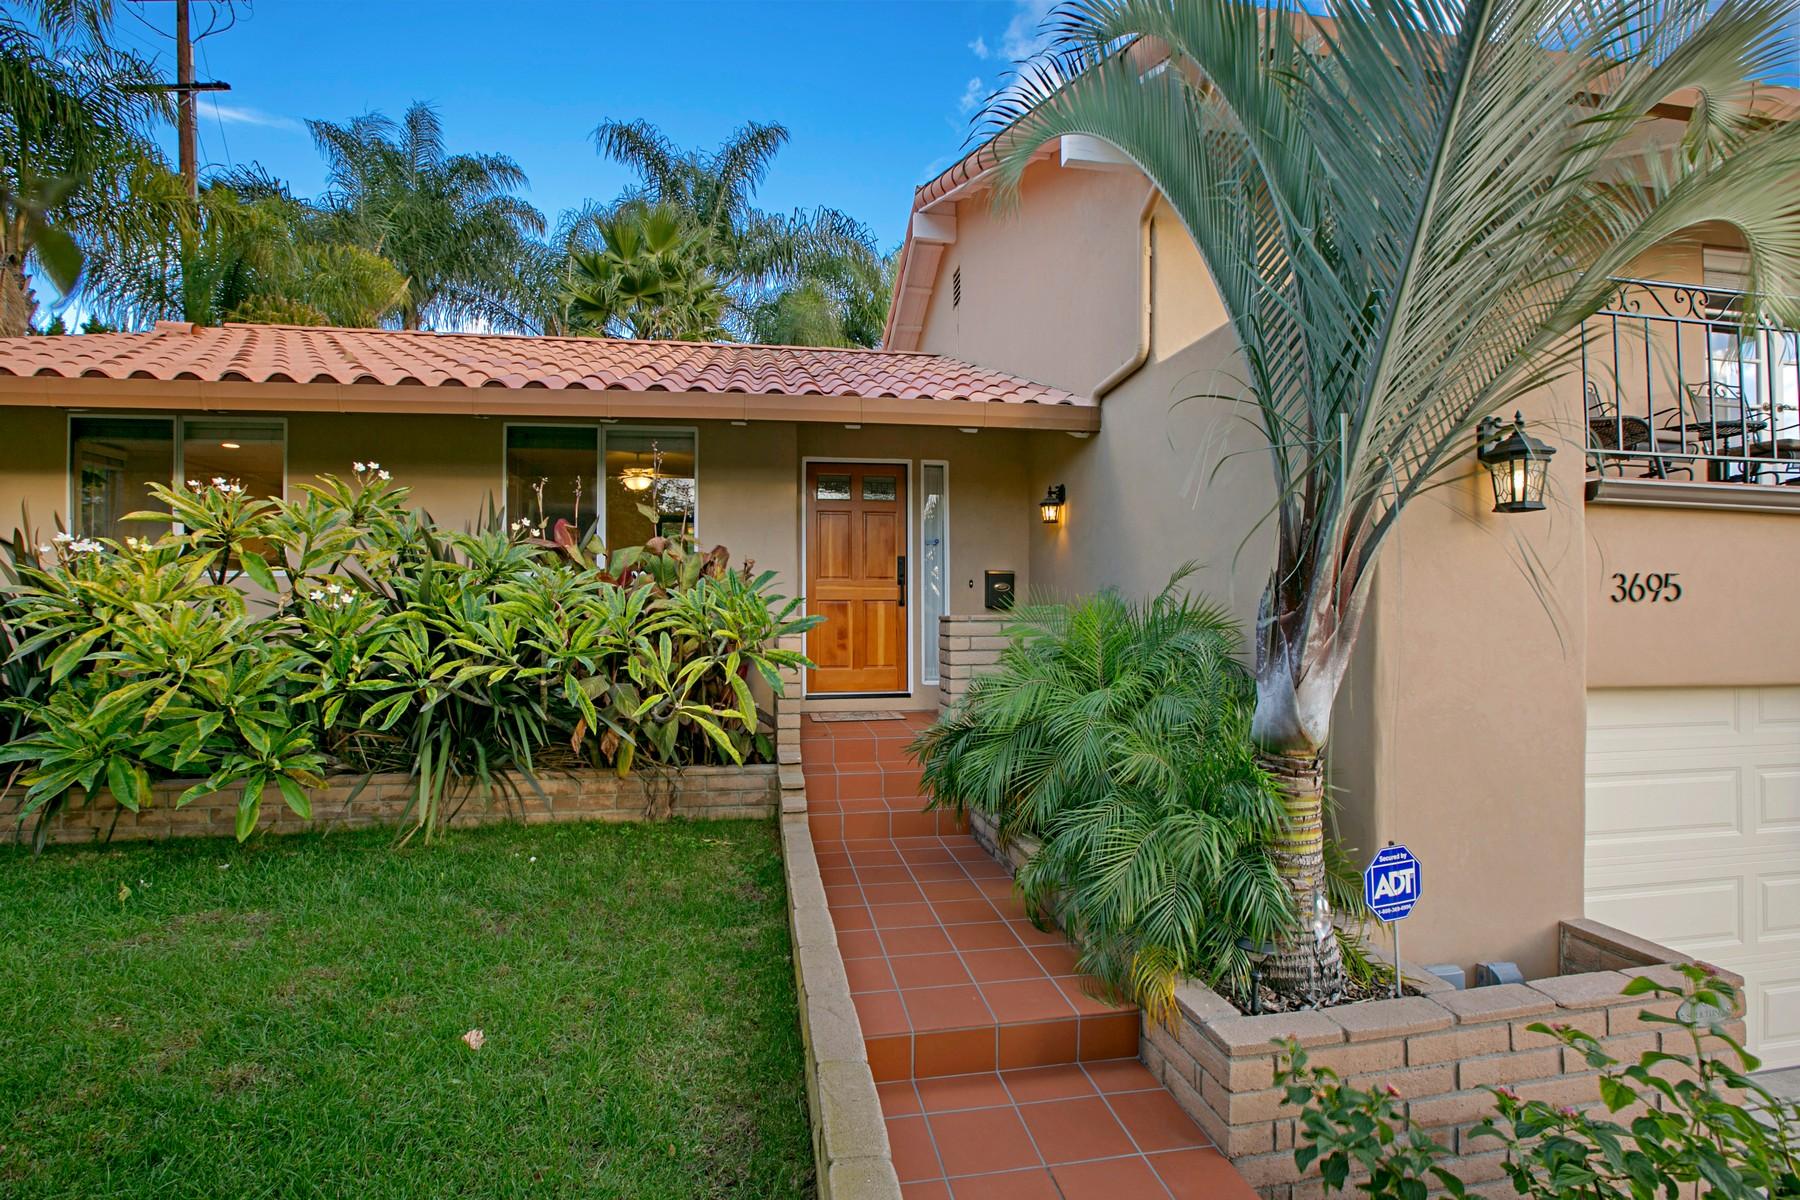 Casa para uma família para Venda às 3695 Trenton Avenue San Diego, Califórnia 92117 Estados Unidos